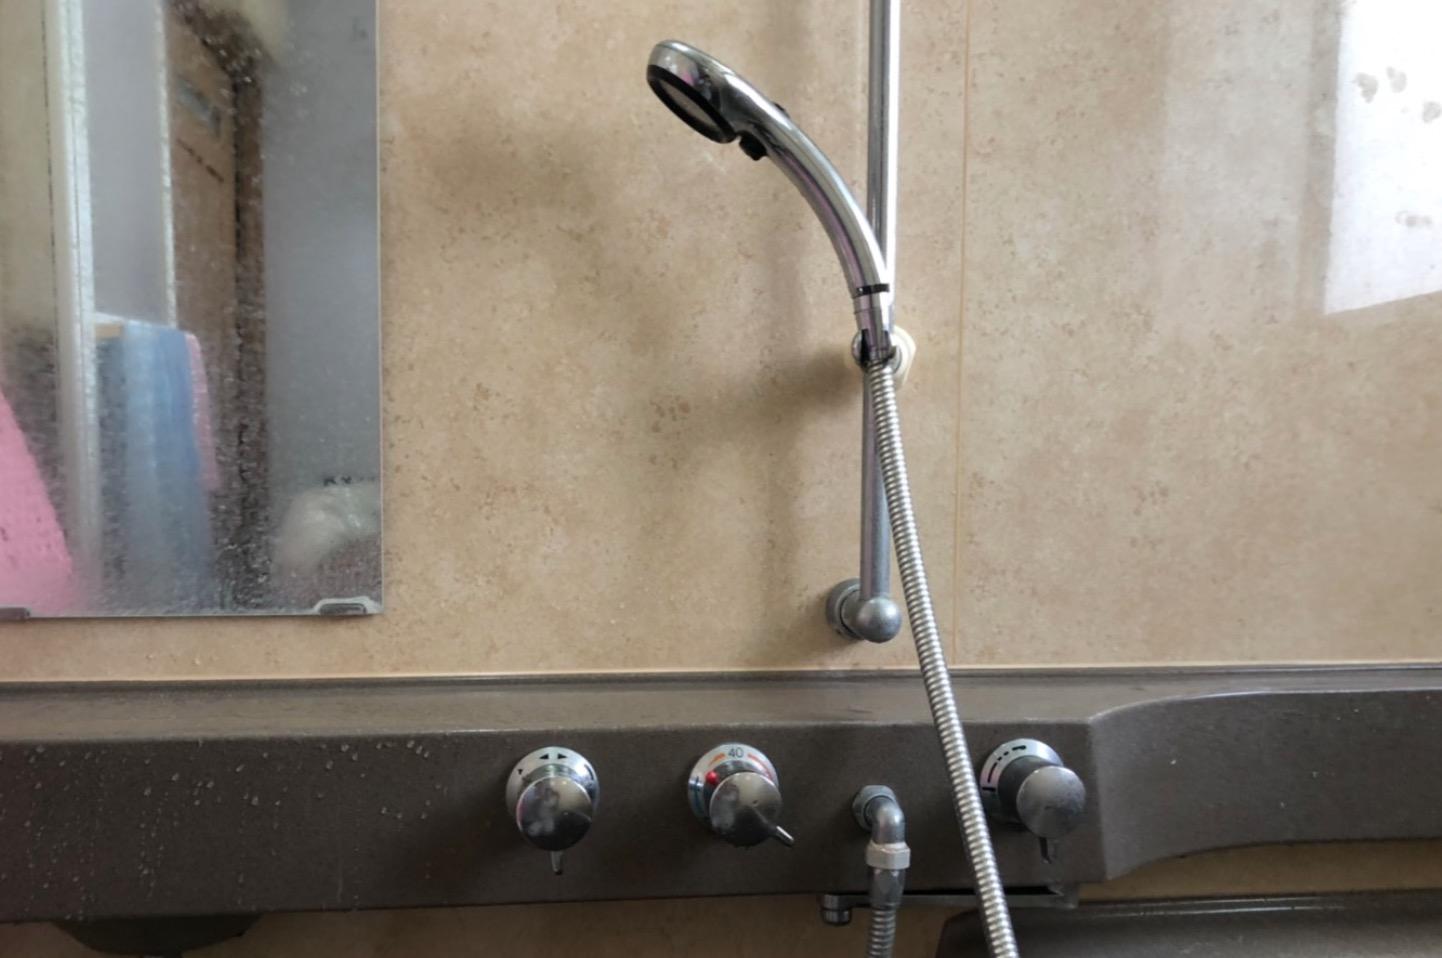 お風呂のシャワーの切換弁が劣化し水漏れ!部品交換をして解決!【福岡県久留米市の事例】